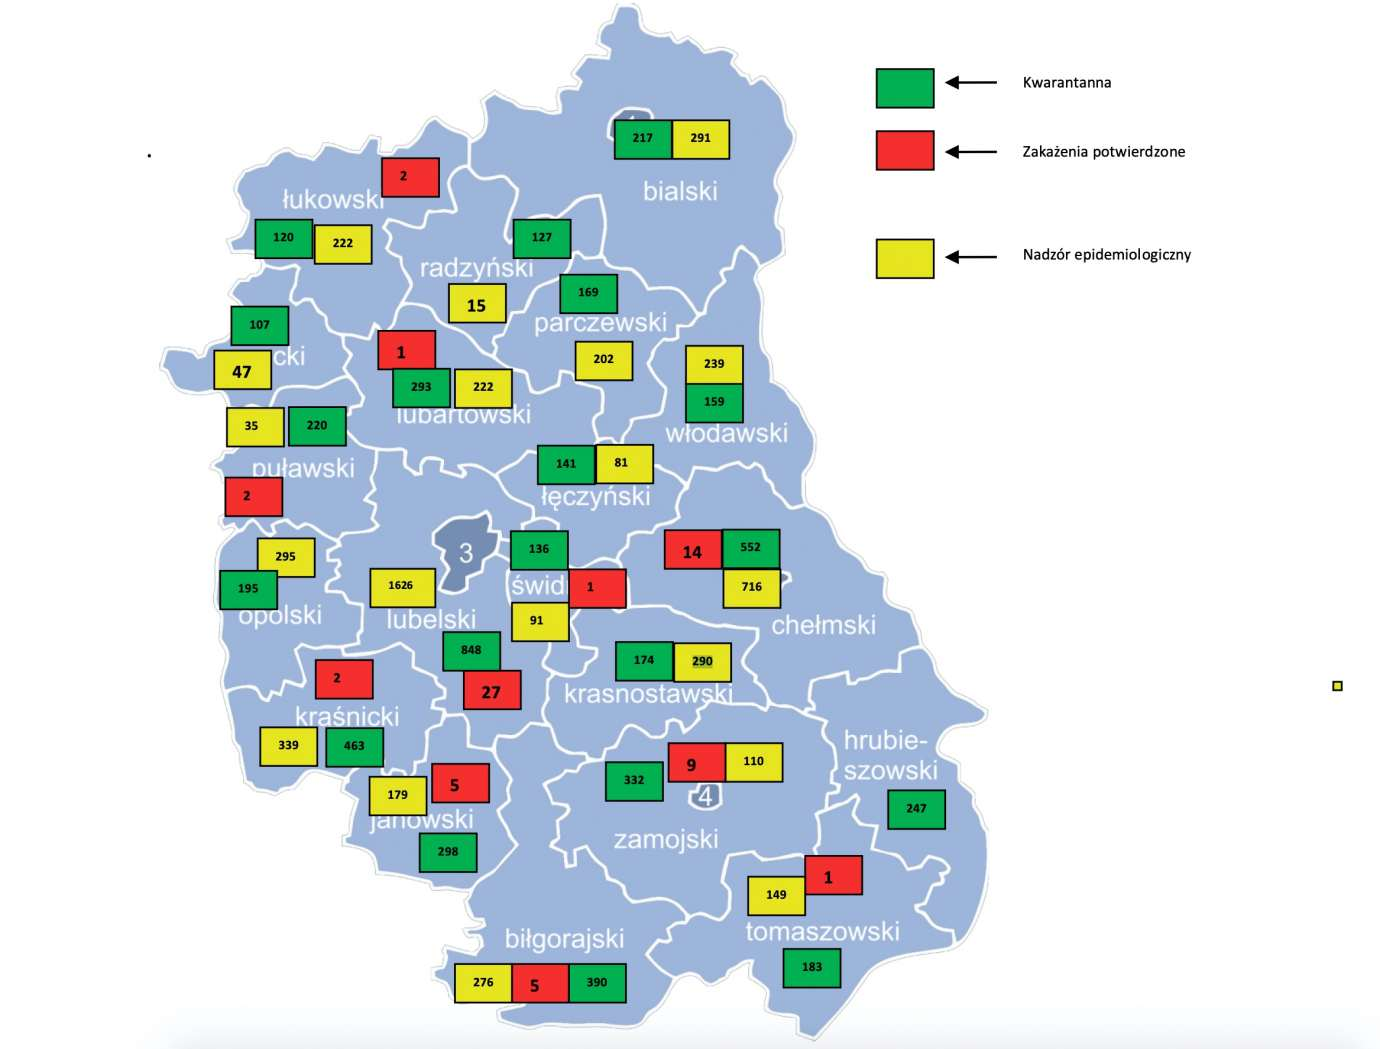 mapa27 MAPA. Na dzień 27 marca,na terenie woj. lubelskiego mamy 77 przypadkówzakażenia koronawirusem.2 osoby zmarłe.